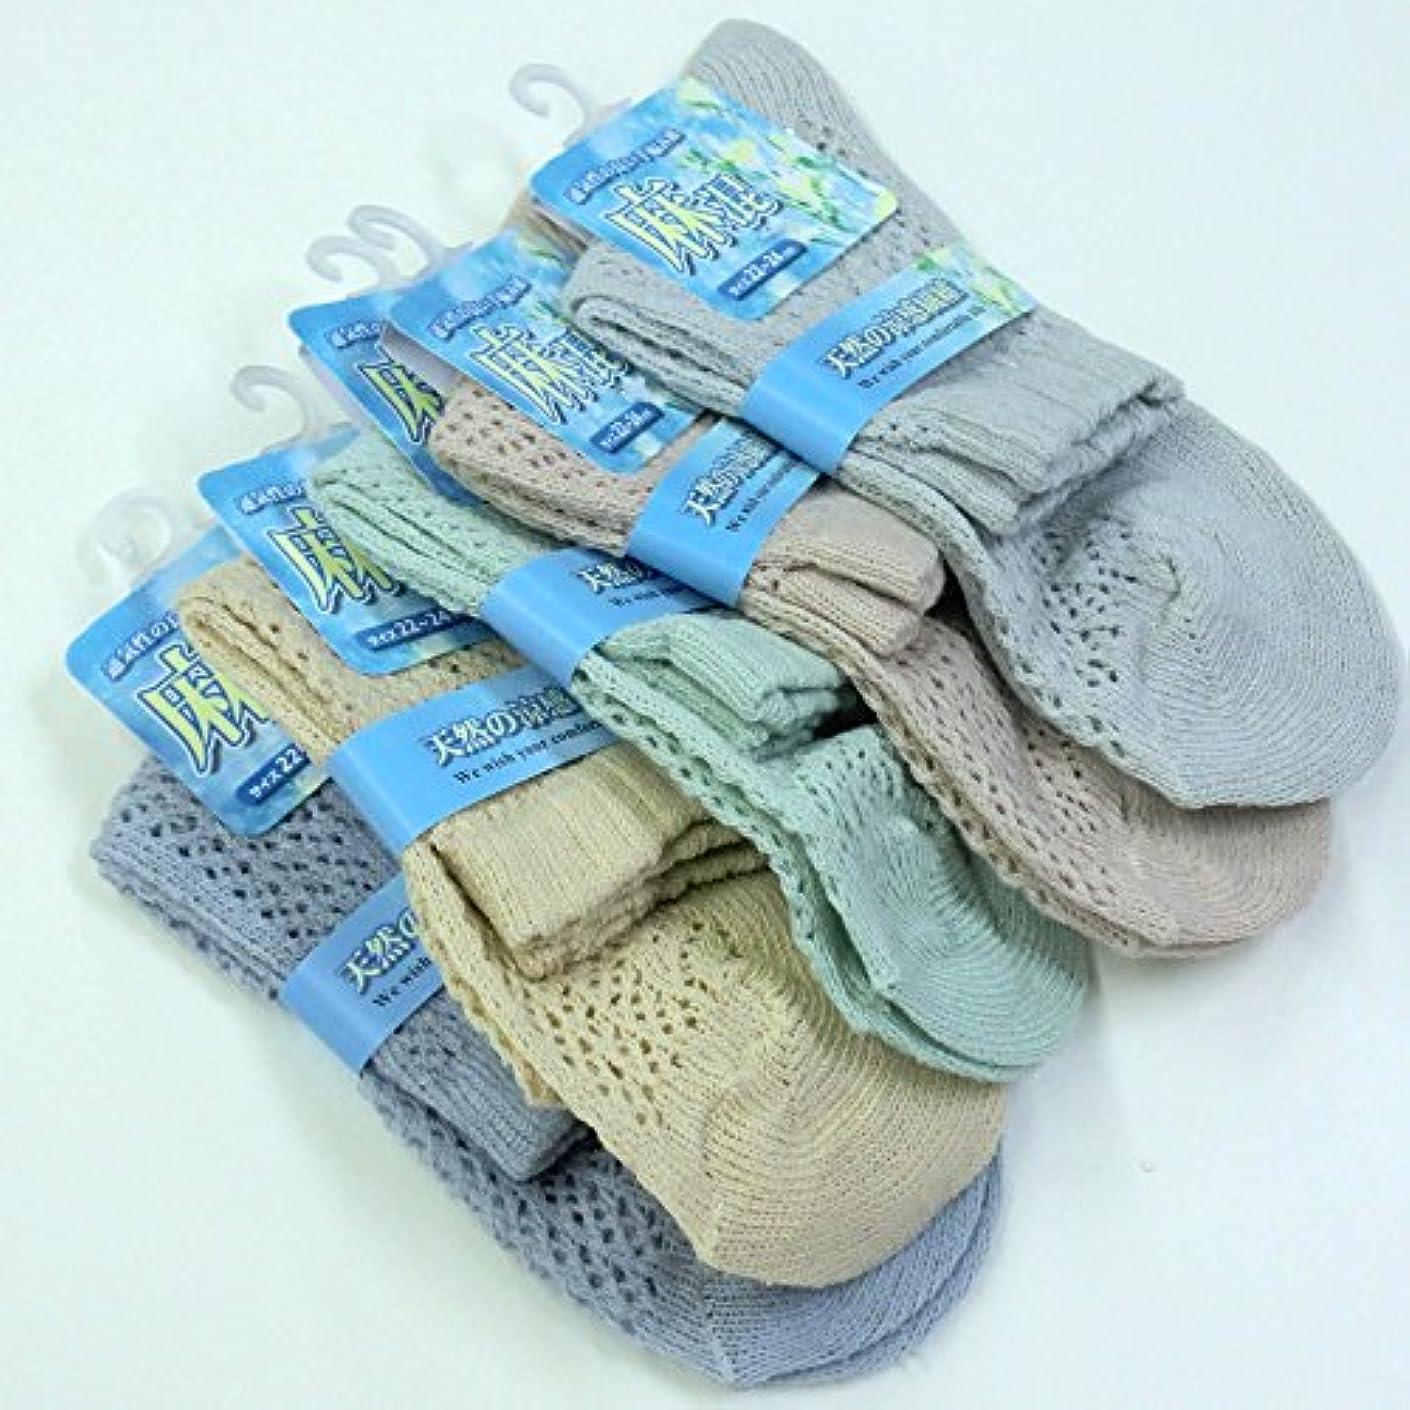 修理工同僚会議靴下 レディース 麻混 涼しいルミーソックス おしゃれ手編み風 5色5足組